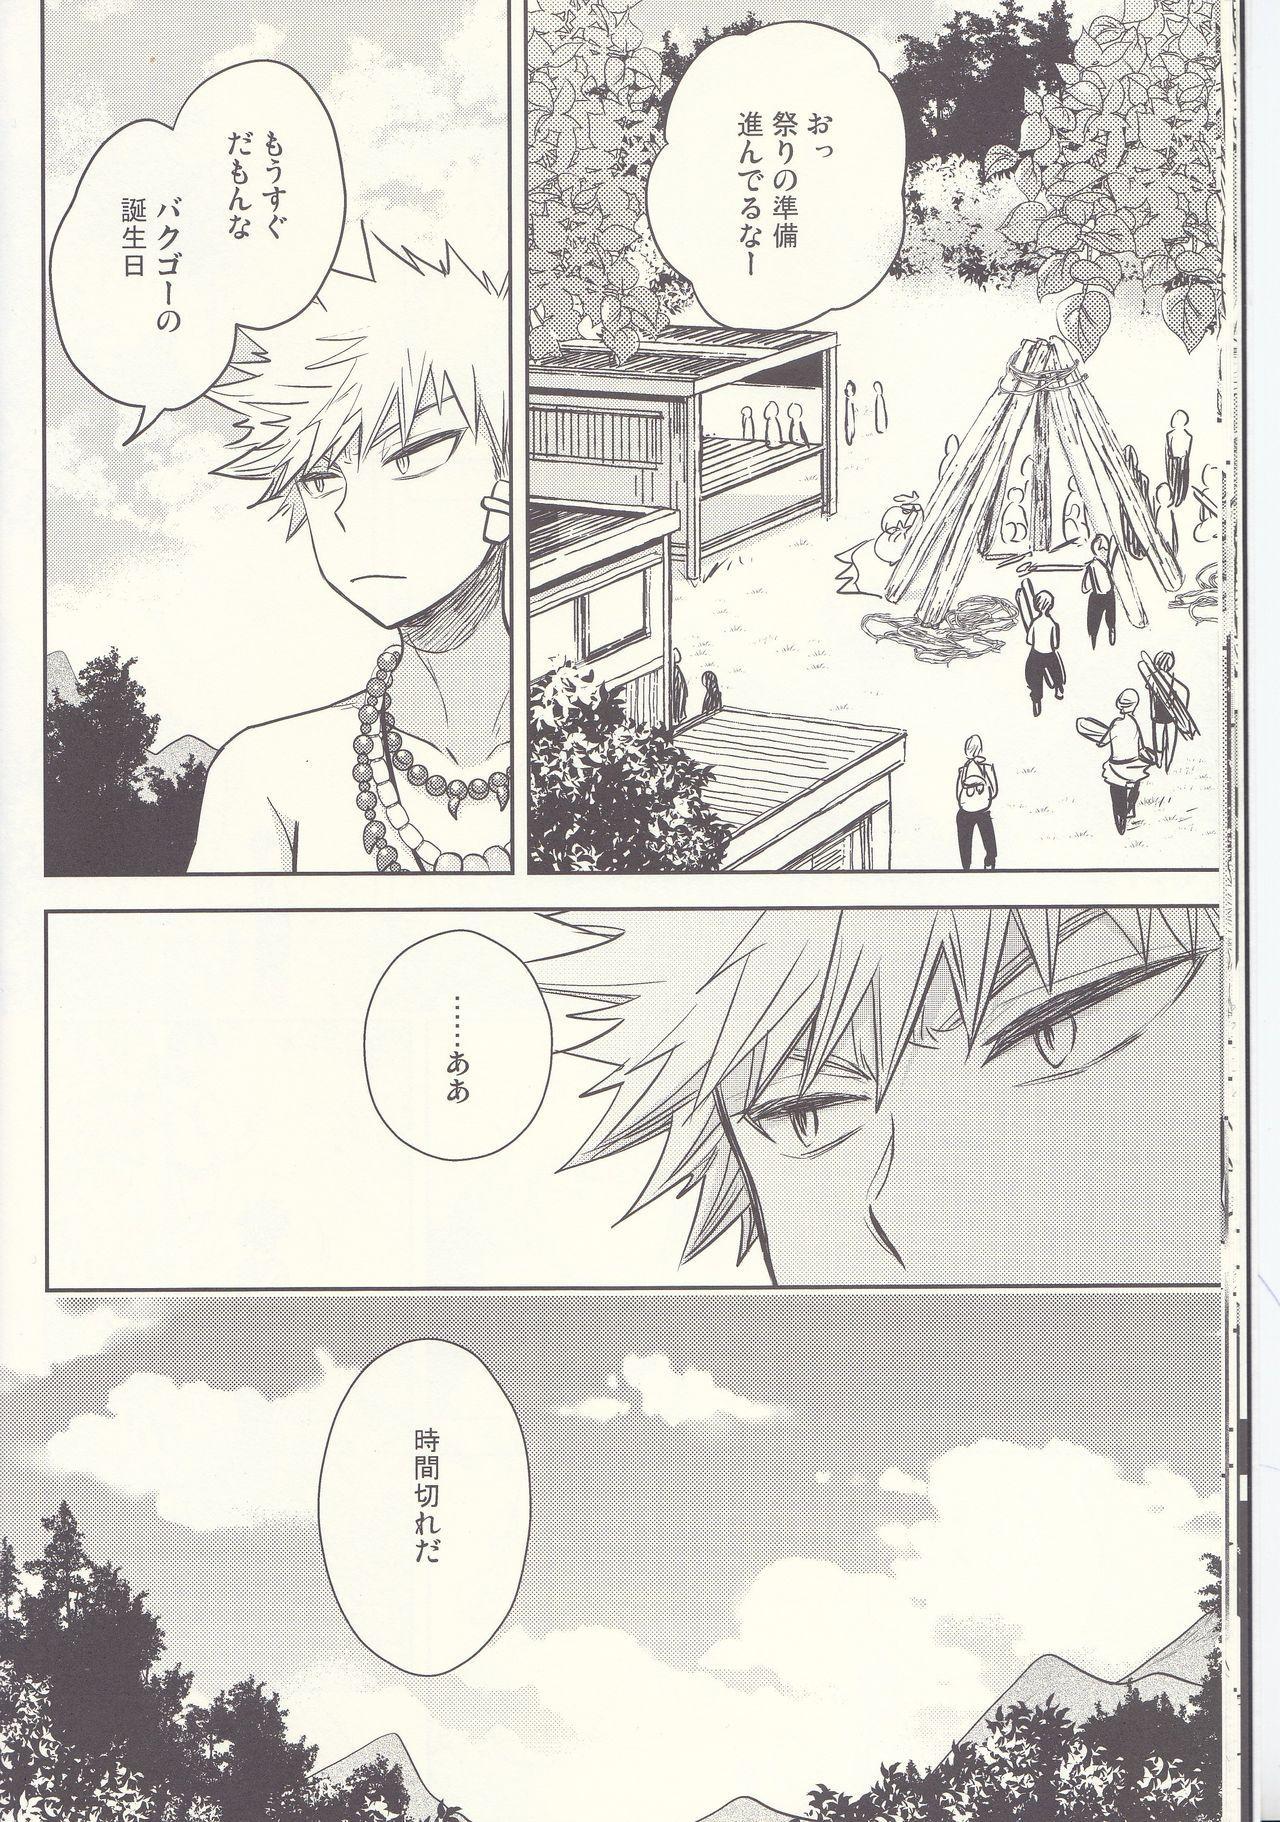 Akatsuki no Agito 14